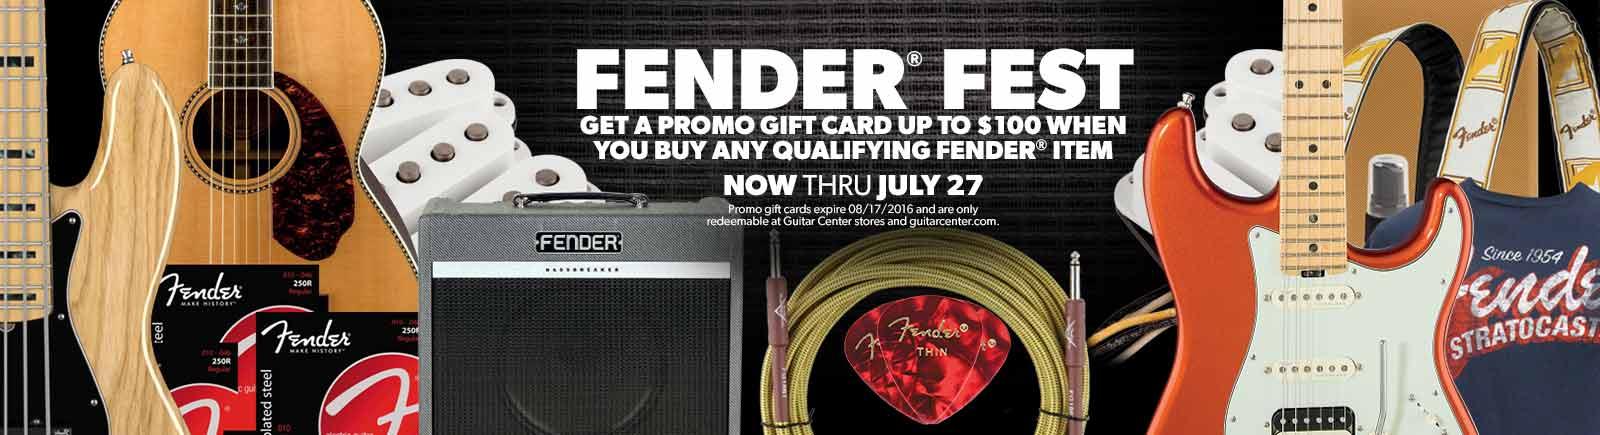 Fender Fest